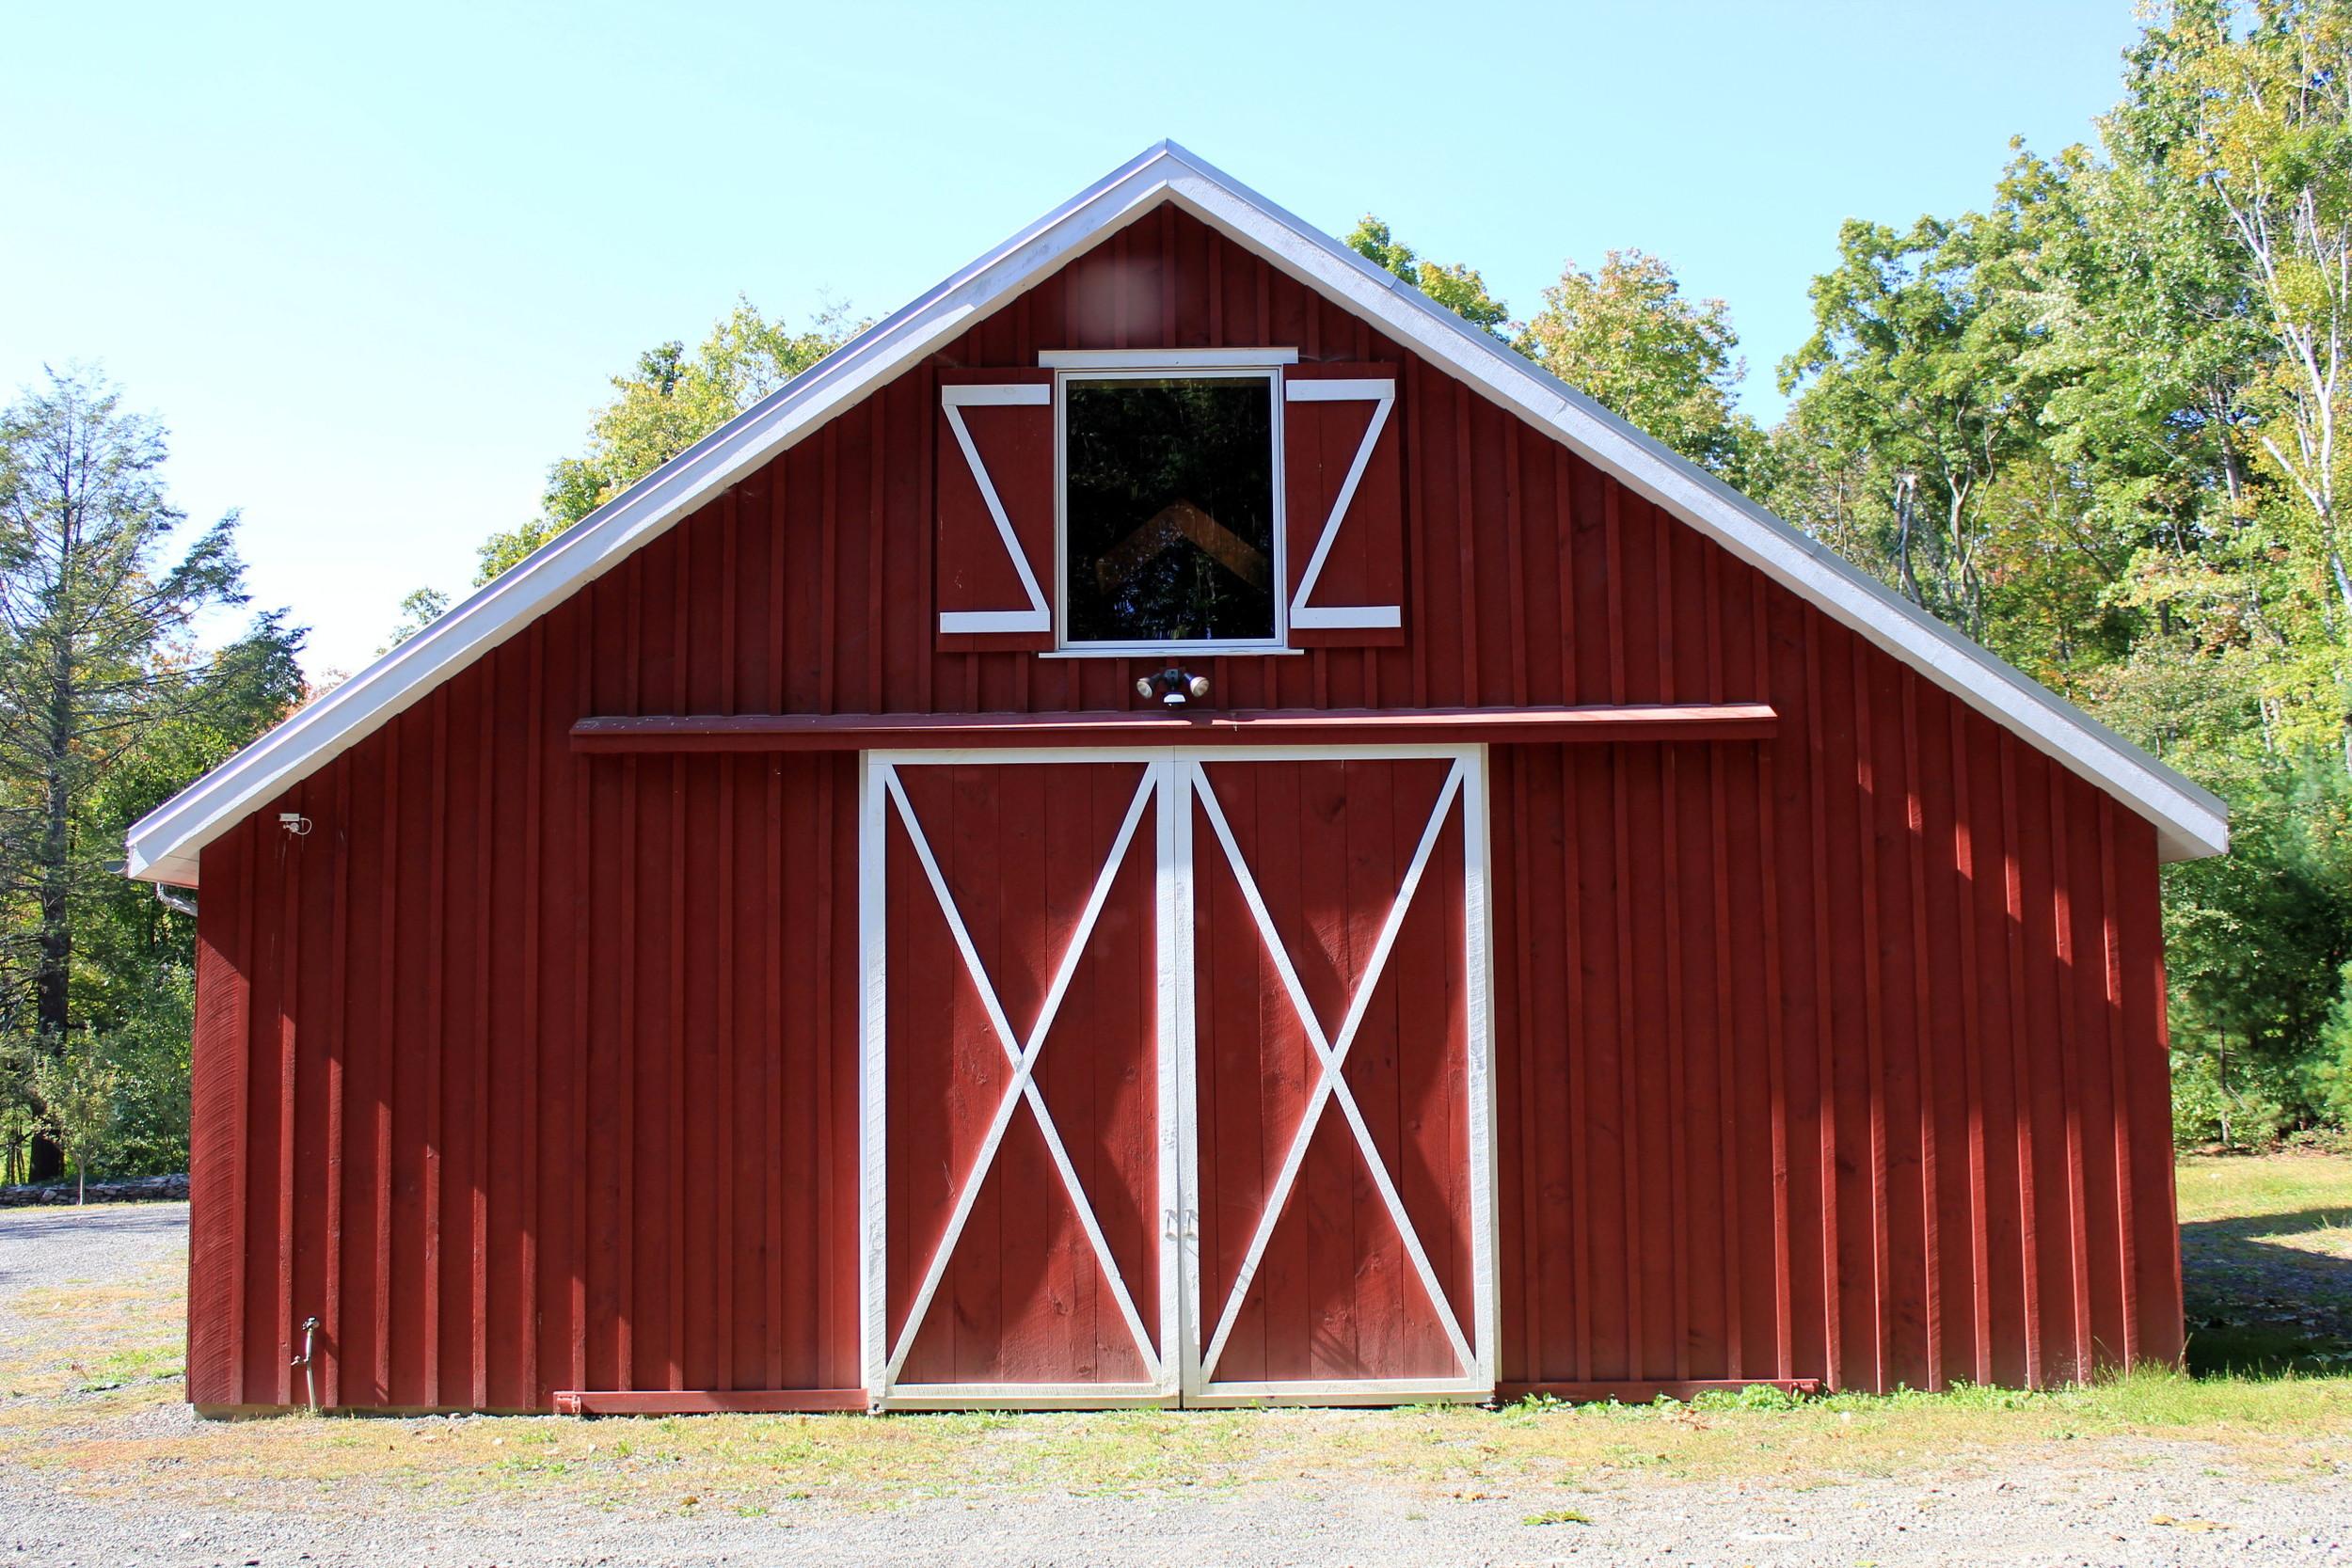 Zula Farm Barns